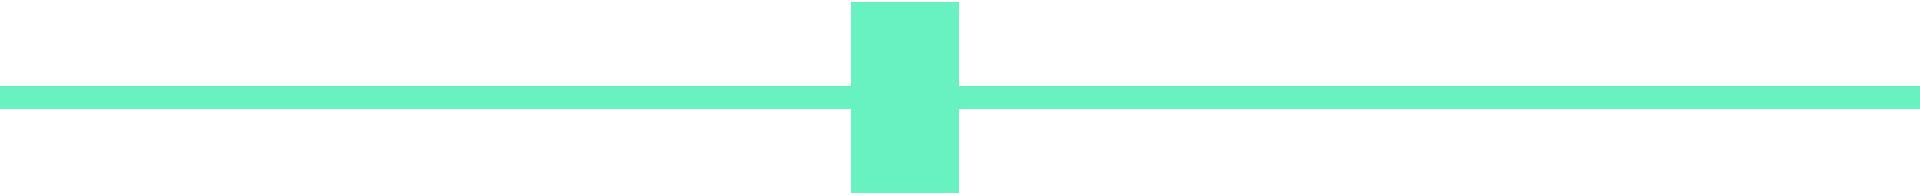 Divider+LinedddArtboard 1.jpg